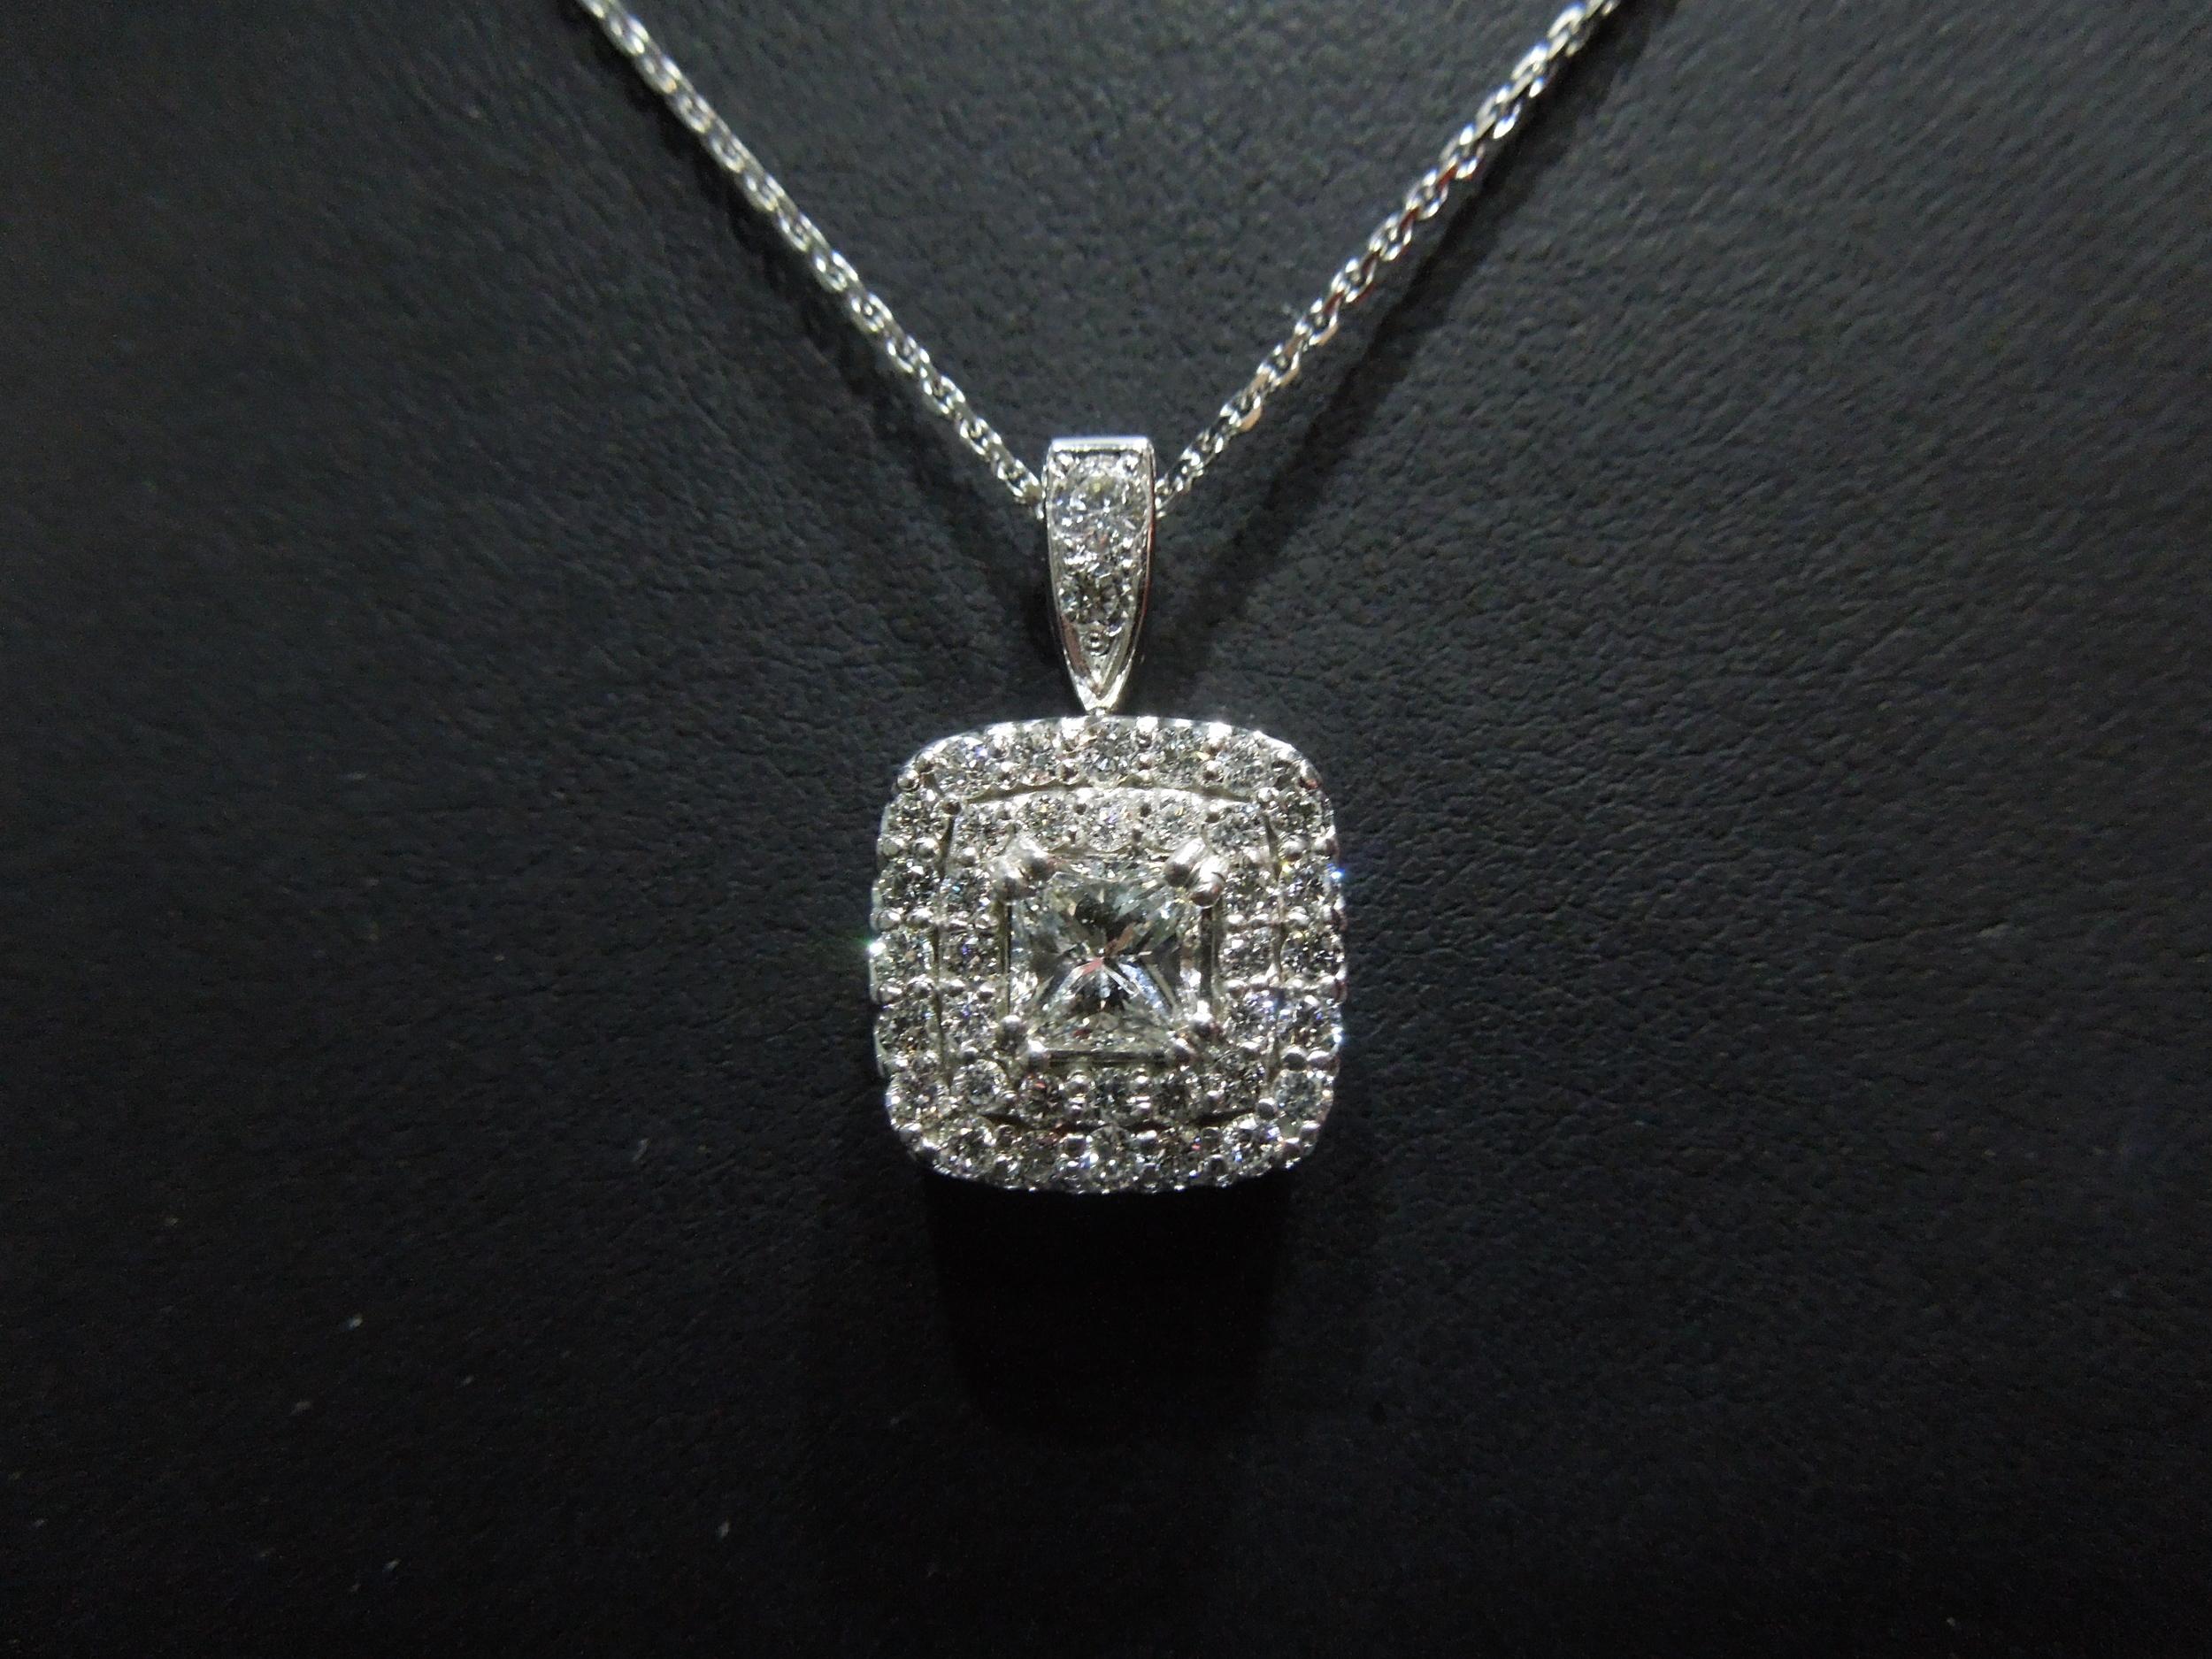 craft-revival-jewelry-store-grand-rapids-unique-diamond-pendant-white-gold